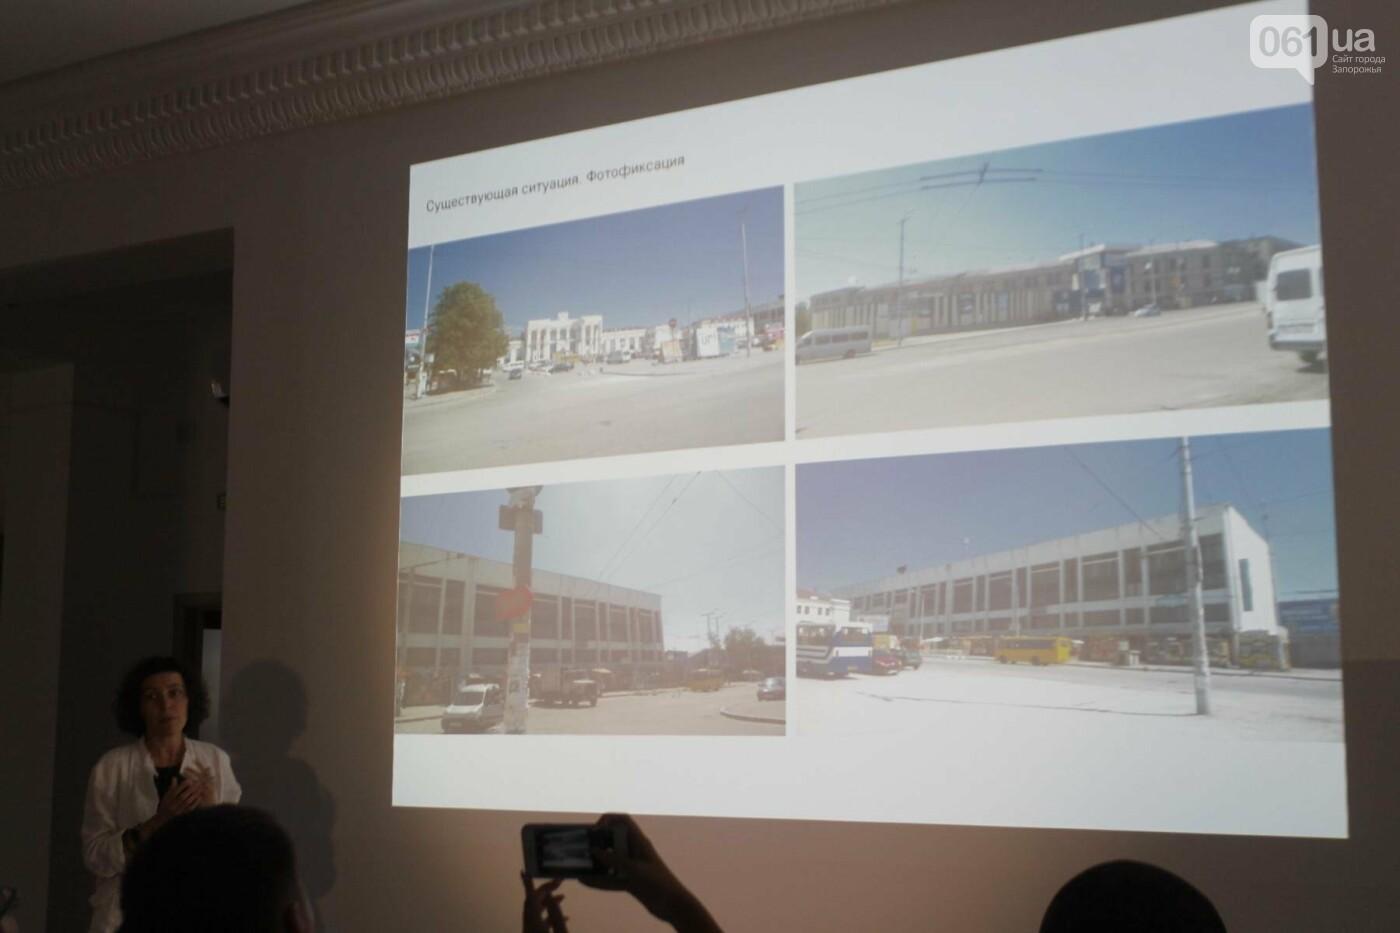 В Запорожье провели мозговой штурм и обсудили будущий проект Привокзальной площади, – ФОТОРЕПОРТАЖ, фото-1